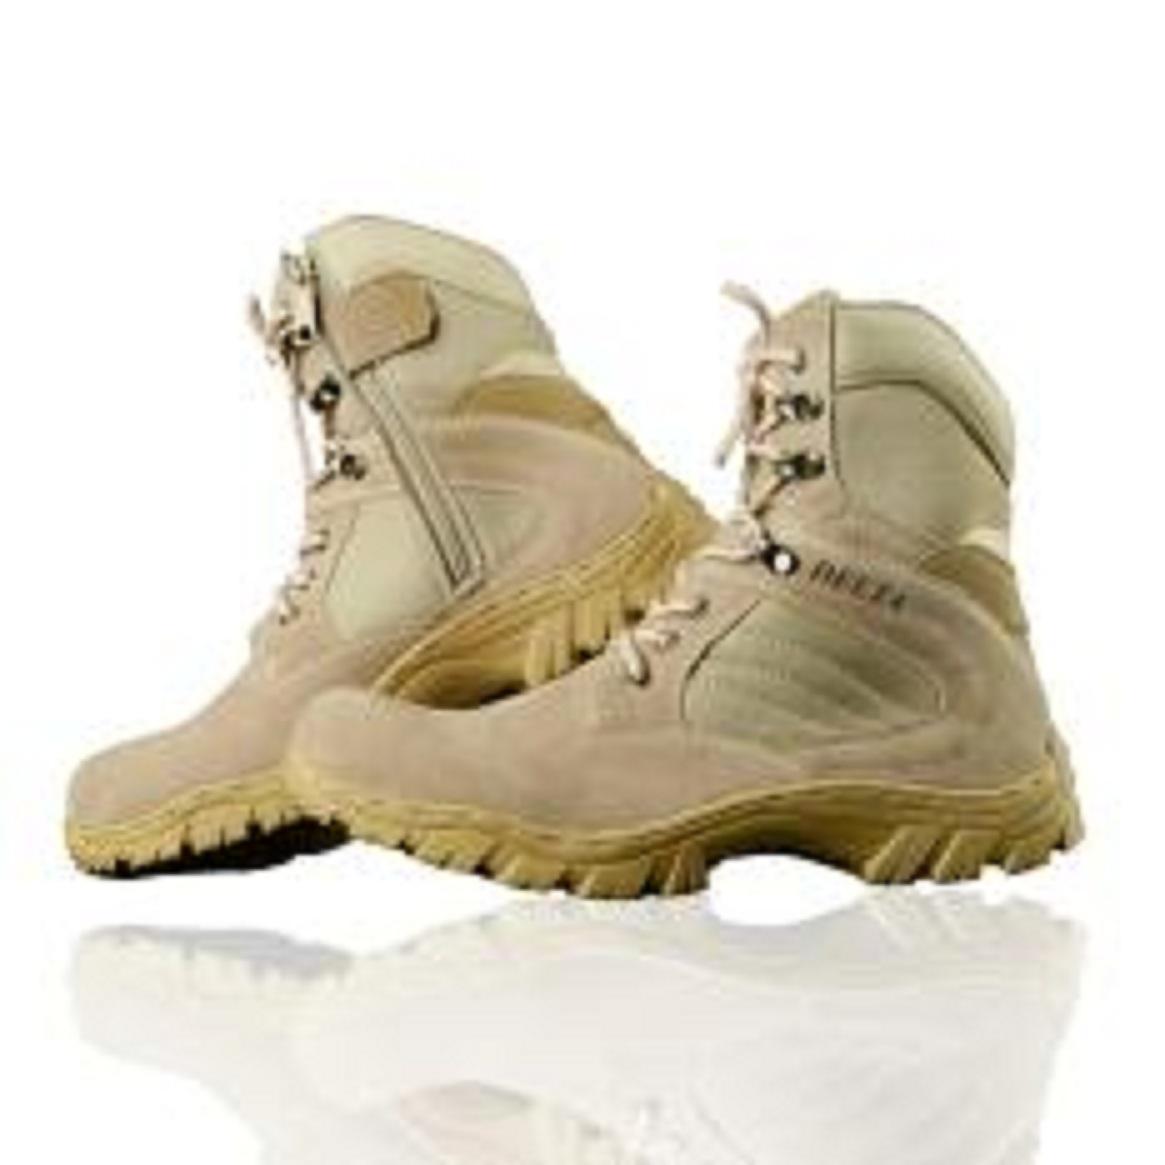 9e9ed82574a4a852a8d4172bbf6d2dc5 Inilah List Harga Sepatu Safety Ottera Terbaru tahun ini